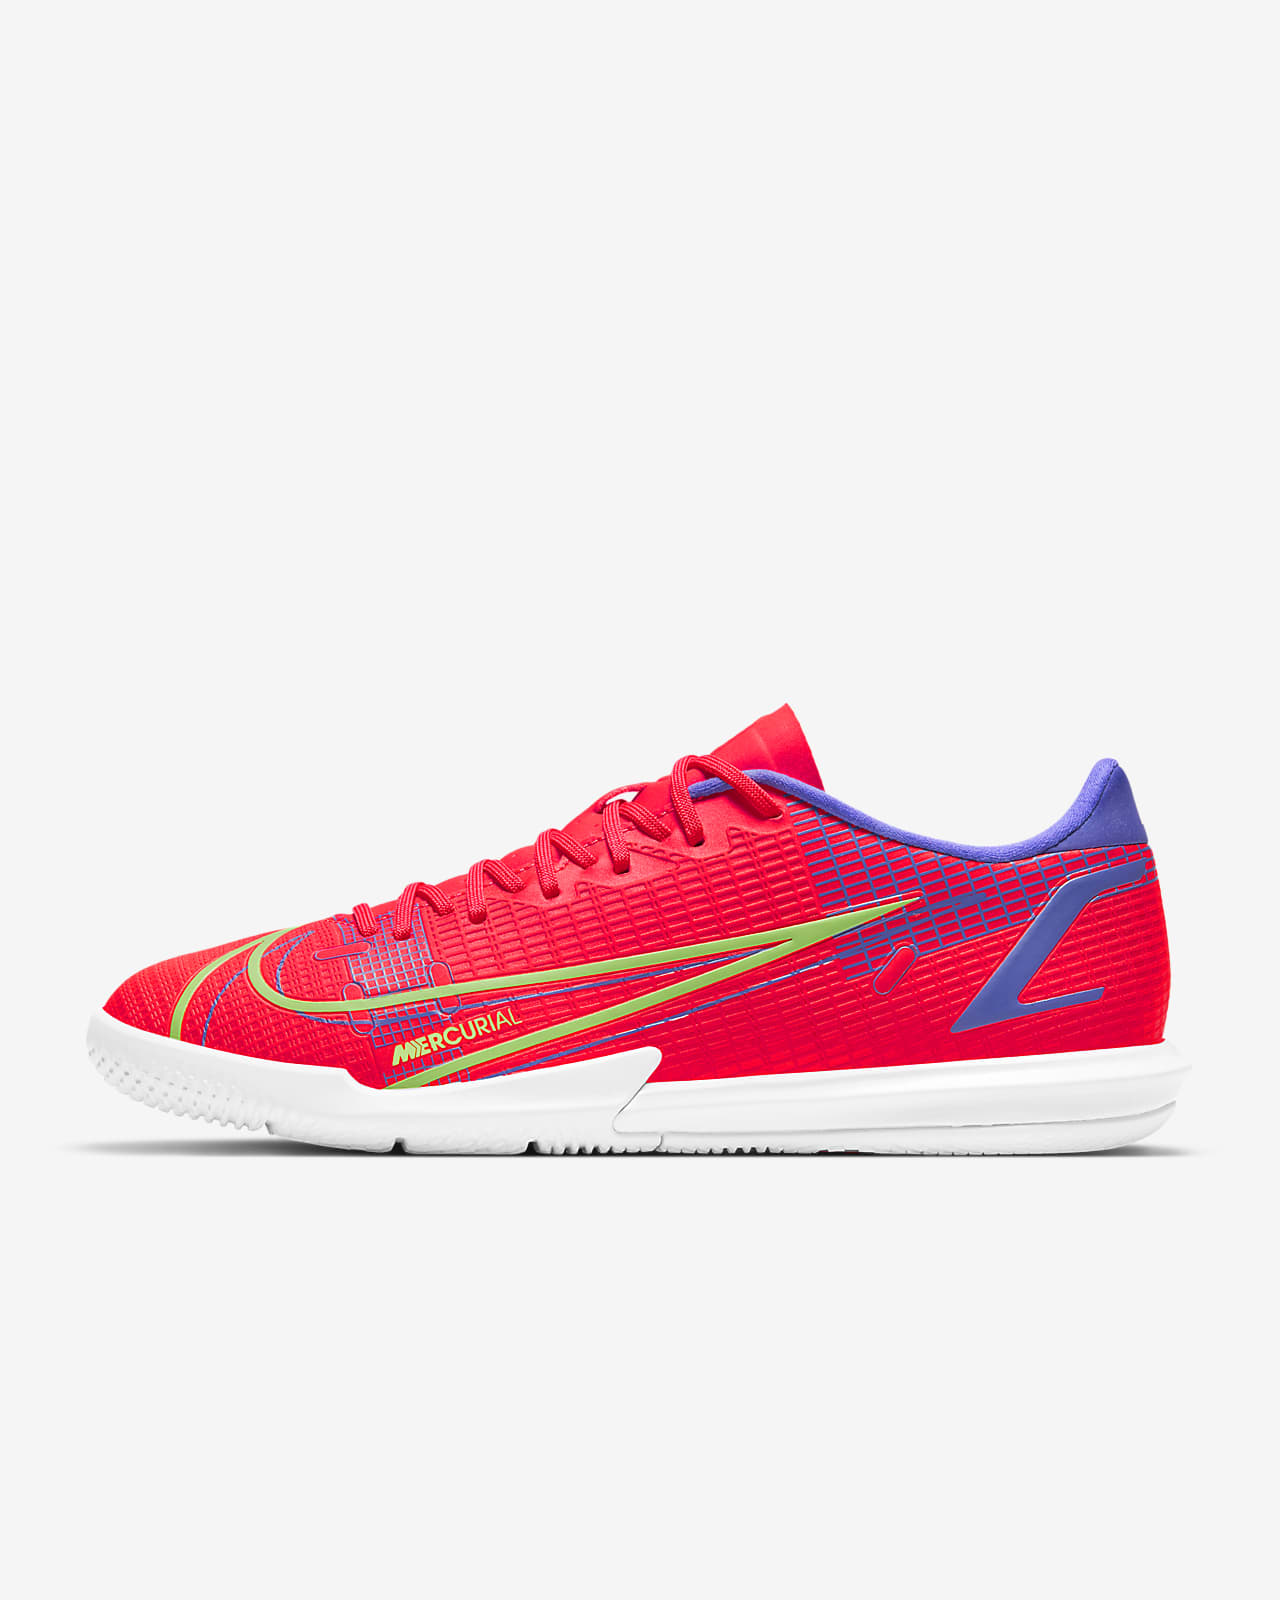 รองเท้าฟุตบอลสำหรับสนามในร่ม/คอร์ท Nike Mercurial Vapor 14 Academy IC